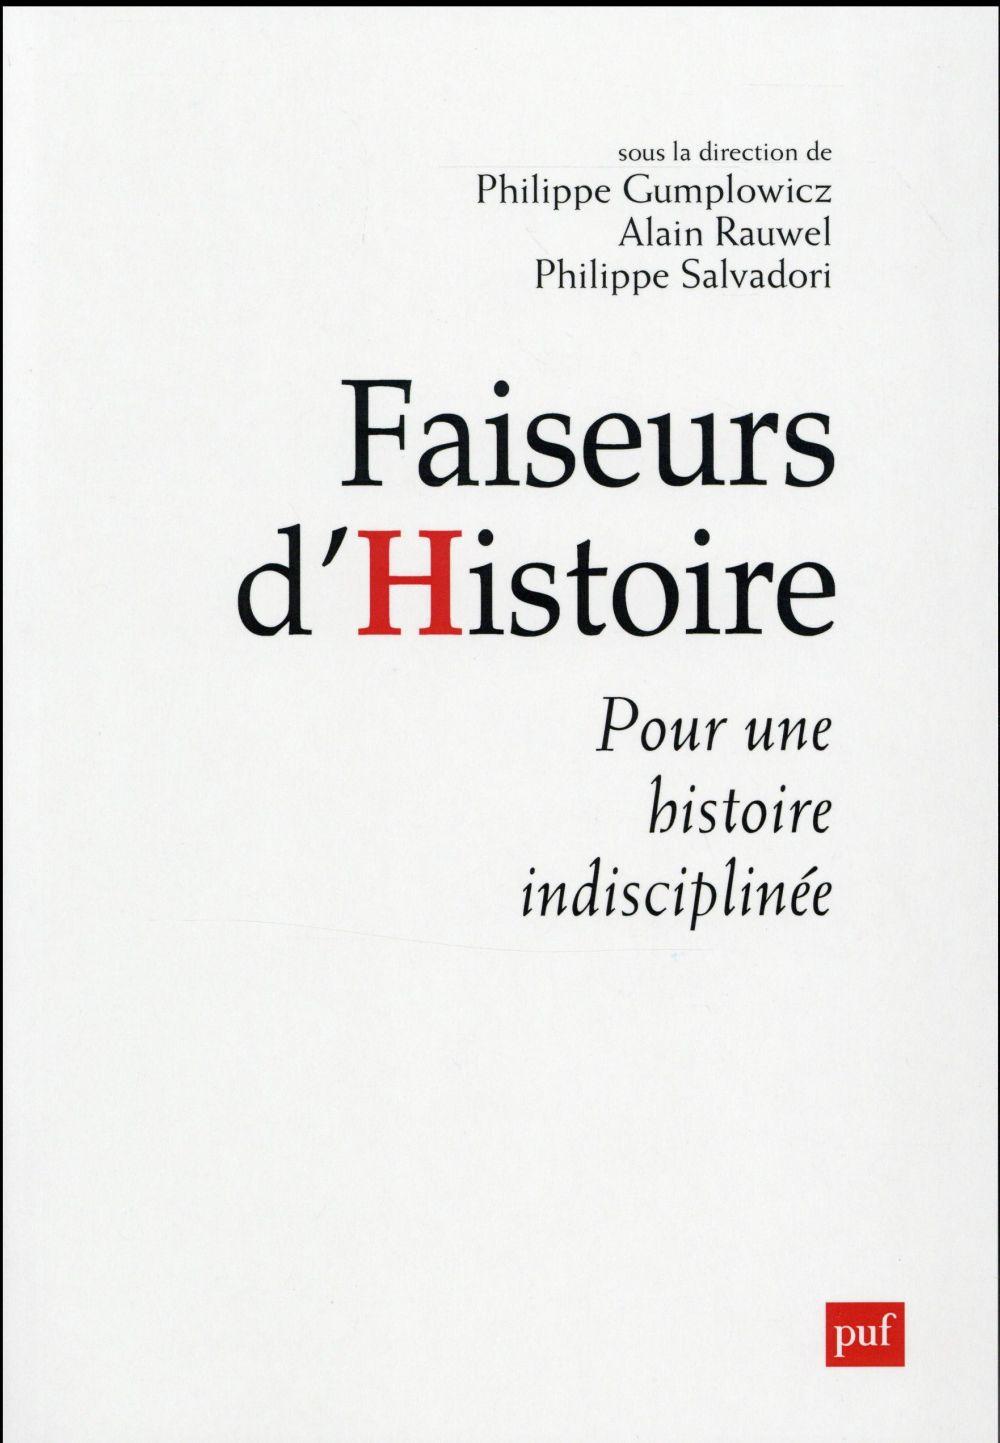 Faiseurs d'histoire ; manifeste pour une histoire indisciplinée